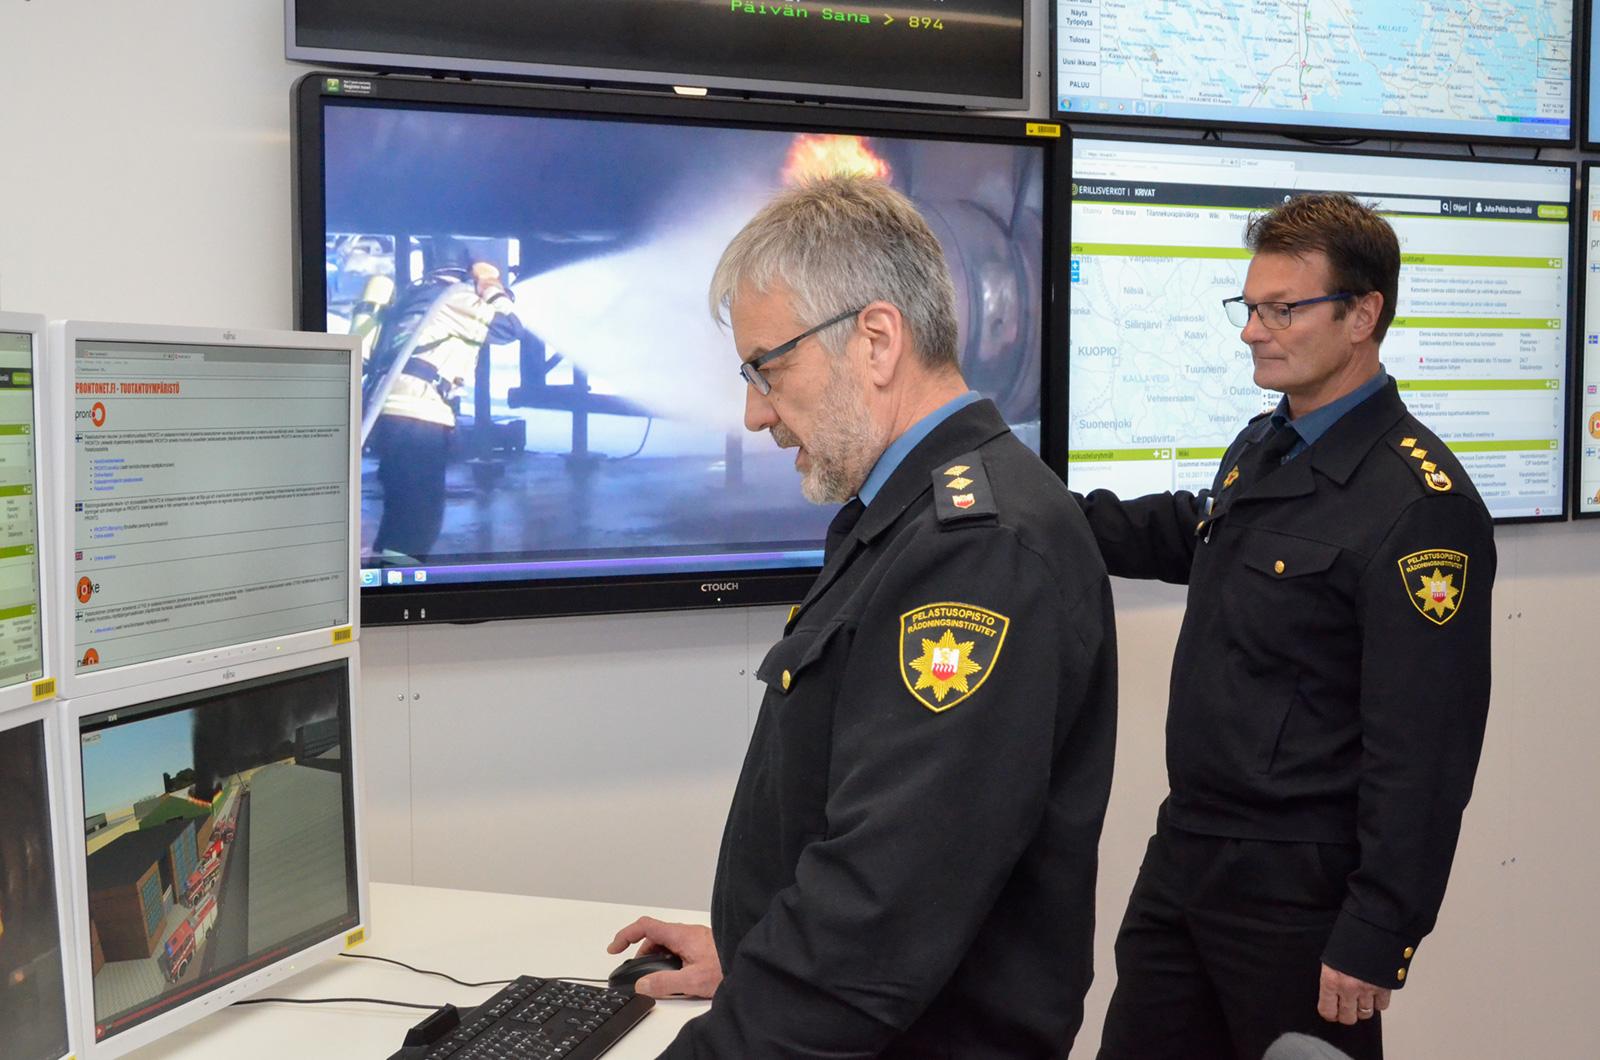 Vanhempi opettaja Tapio Neuvonen (vas.) ja yliopettaja Matti Honkanen iloitsevat Pelastusopiston uudesta tilannekeskuksesta.